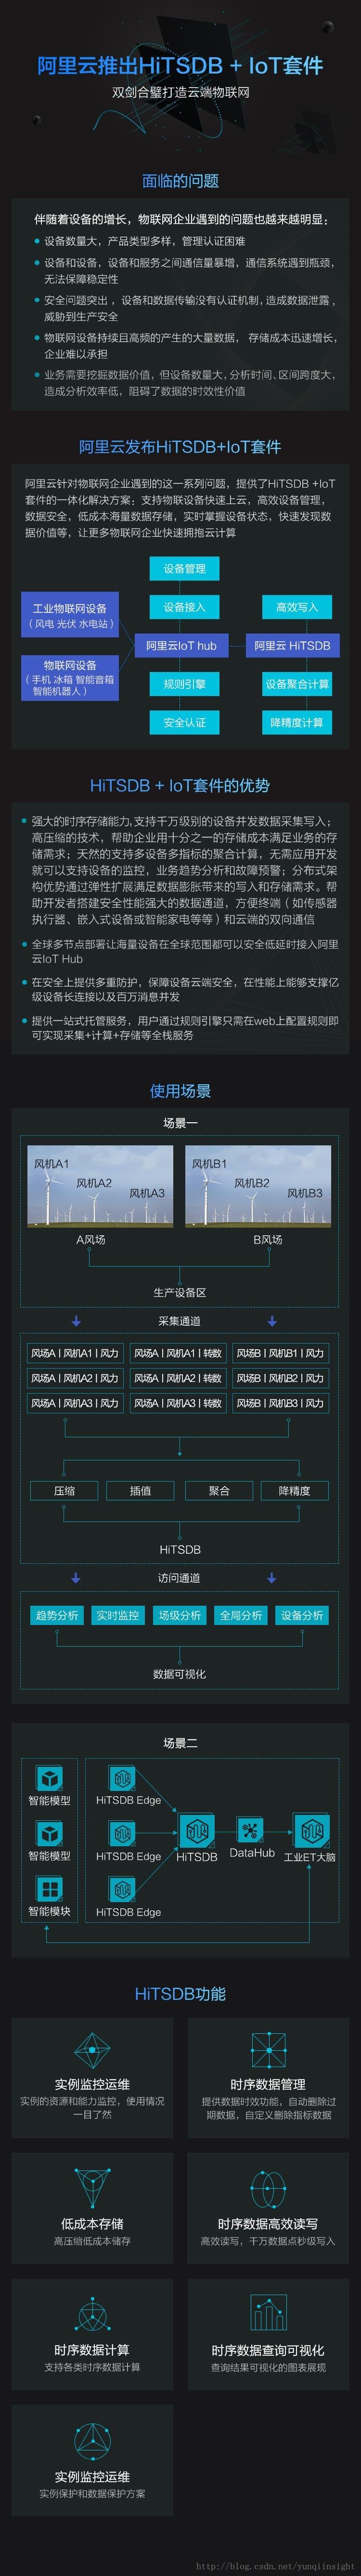 一张图看懂阿里云新发布的物联网设备上云神器——HiTSDB + IoT套件